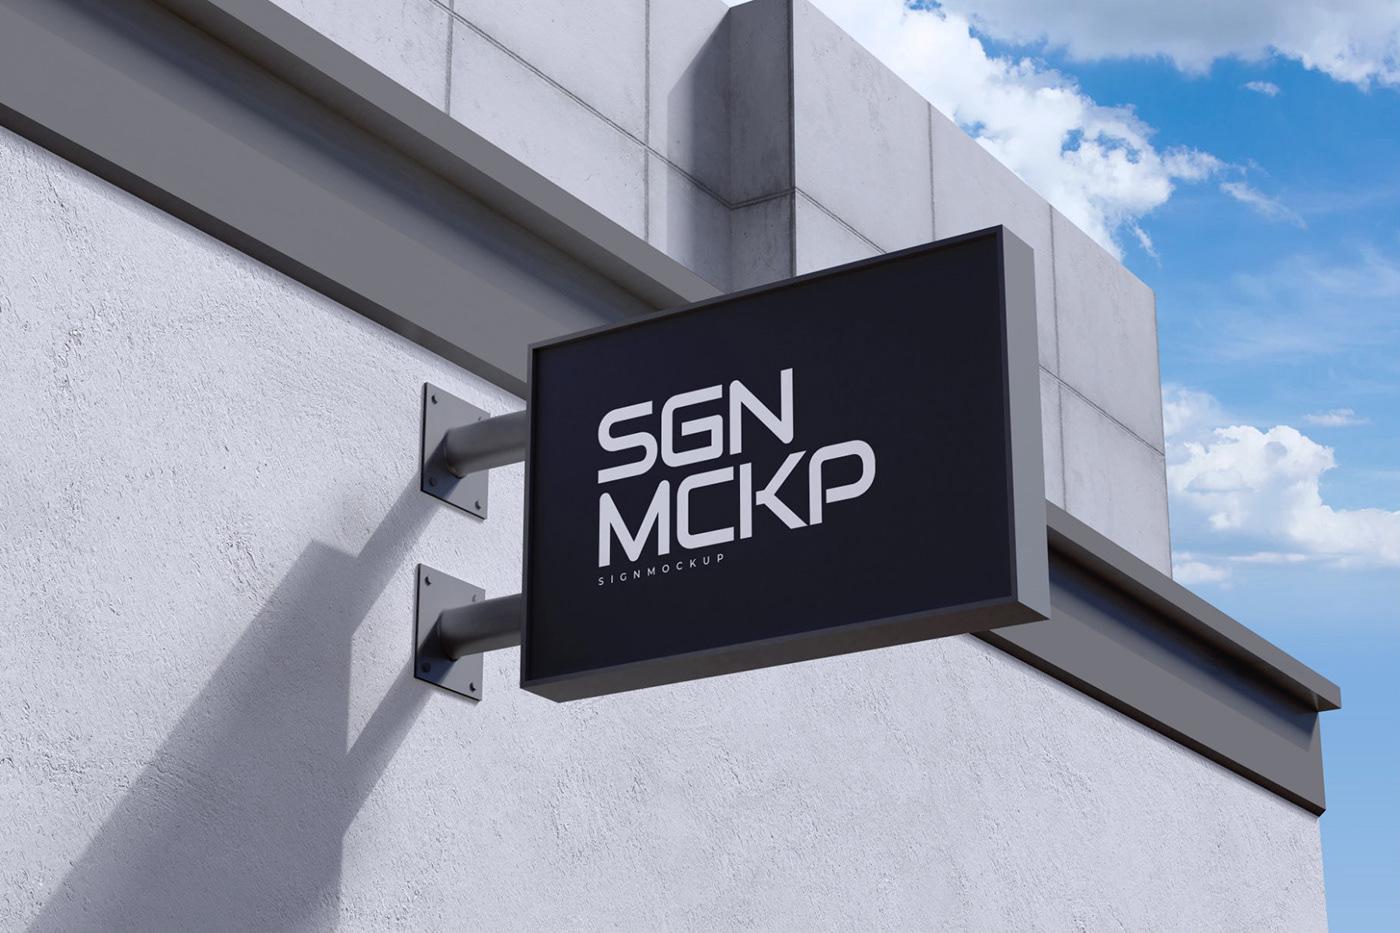 10个3D立体徽标标牌设计展示样机模板 3D Logo & Sign Mockup插图4